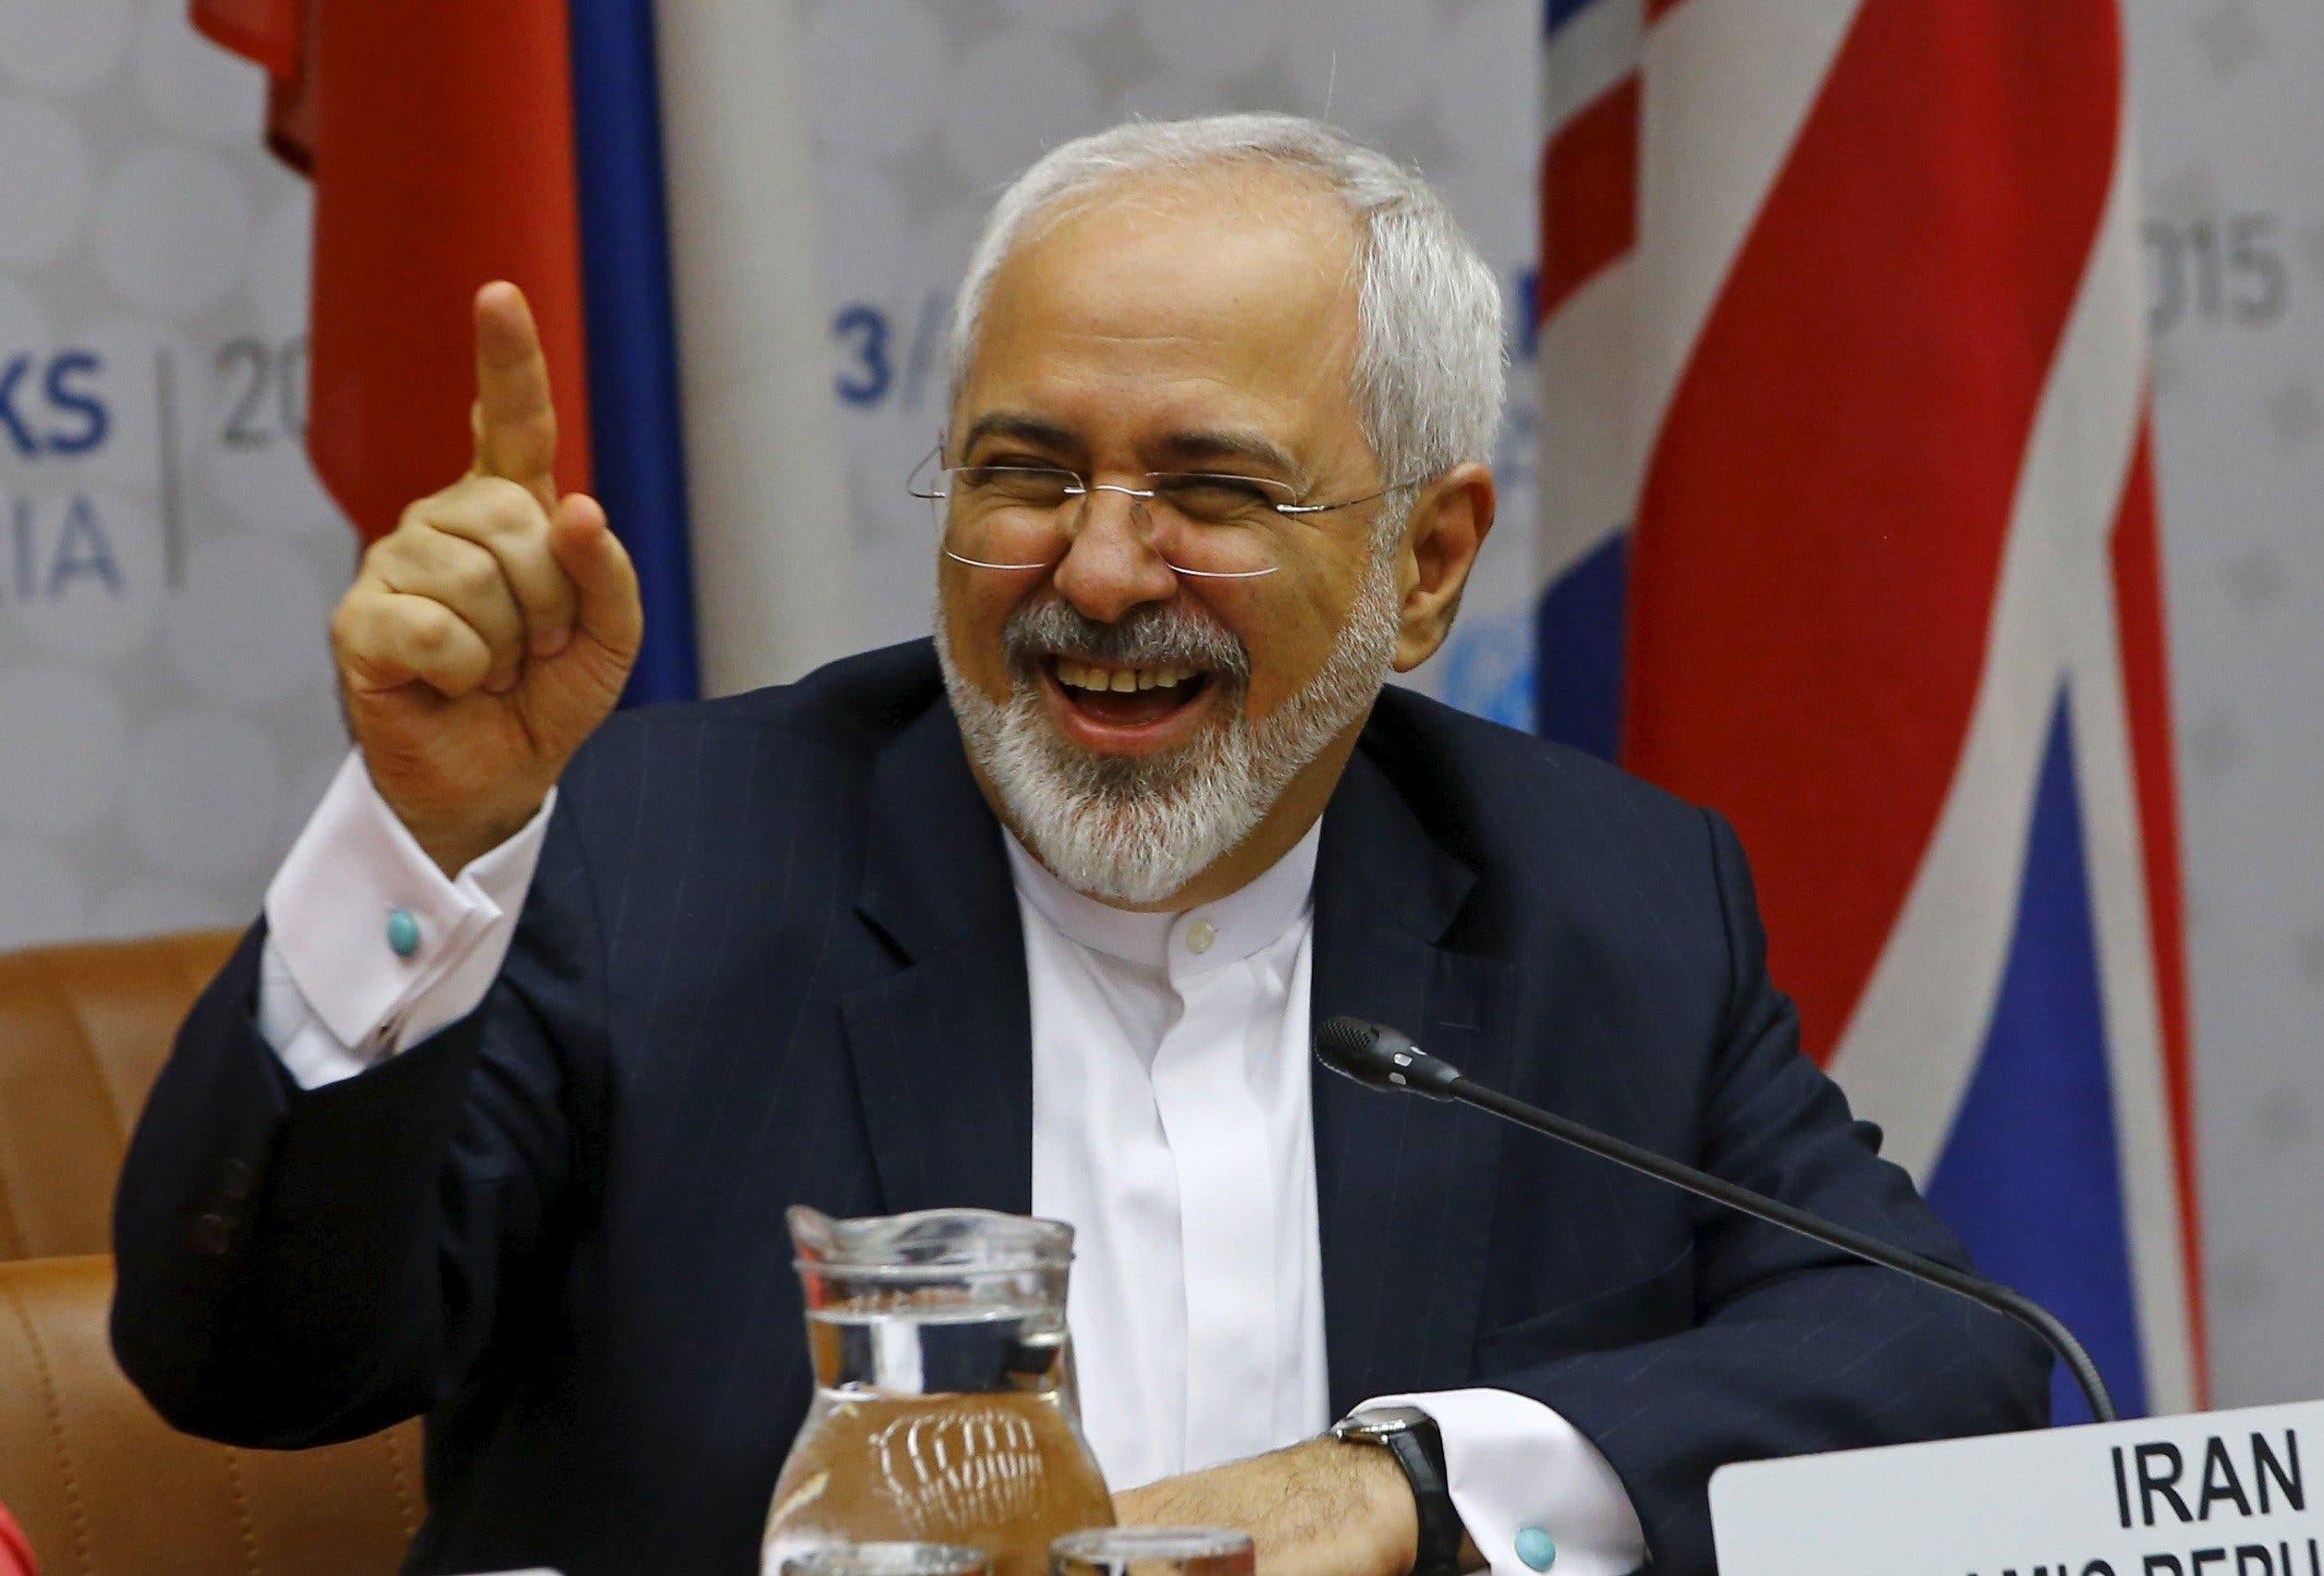 أهم نقاط الاتفاق النووي من وجهة نظر إيرانية 01254a90-70a9-4c4f-8c09-5420d4a3c3c7